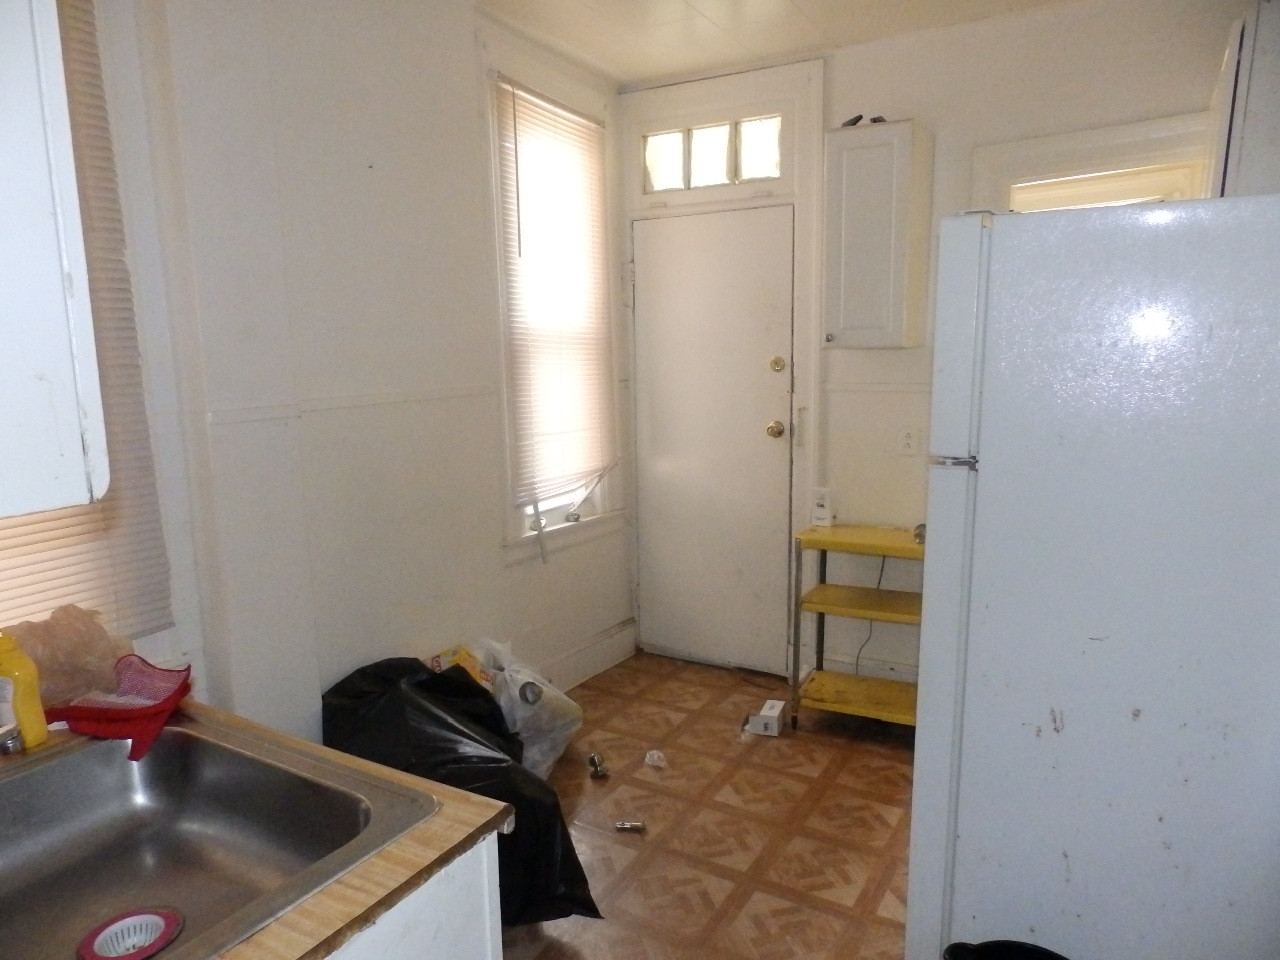 08 - Kitchen 7.JPG